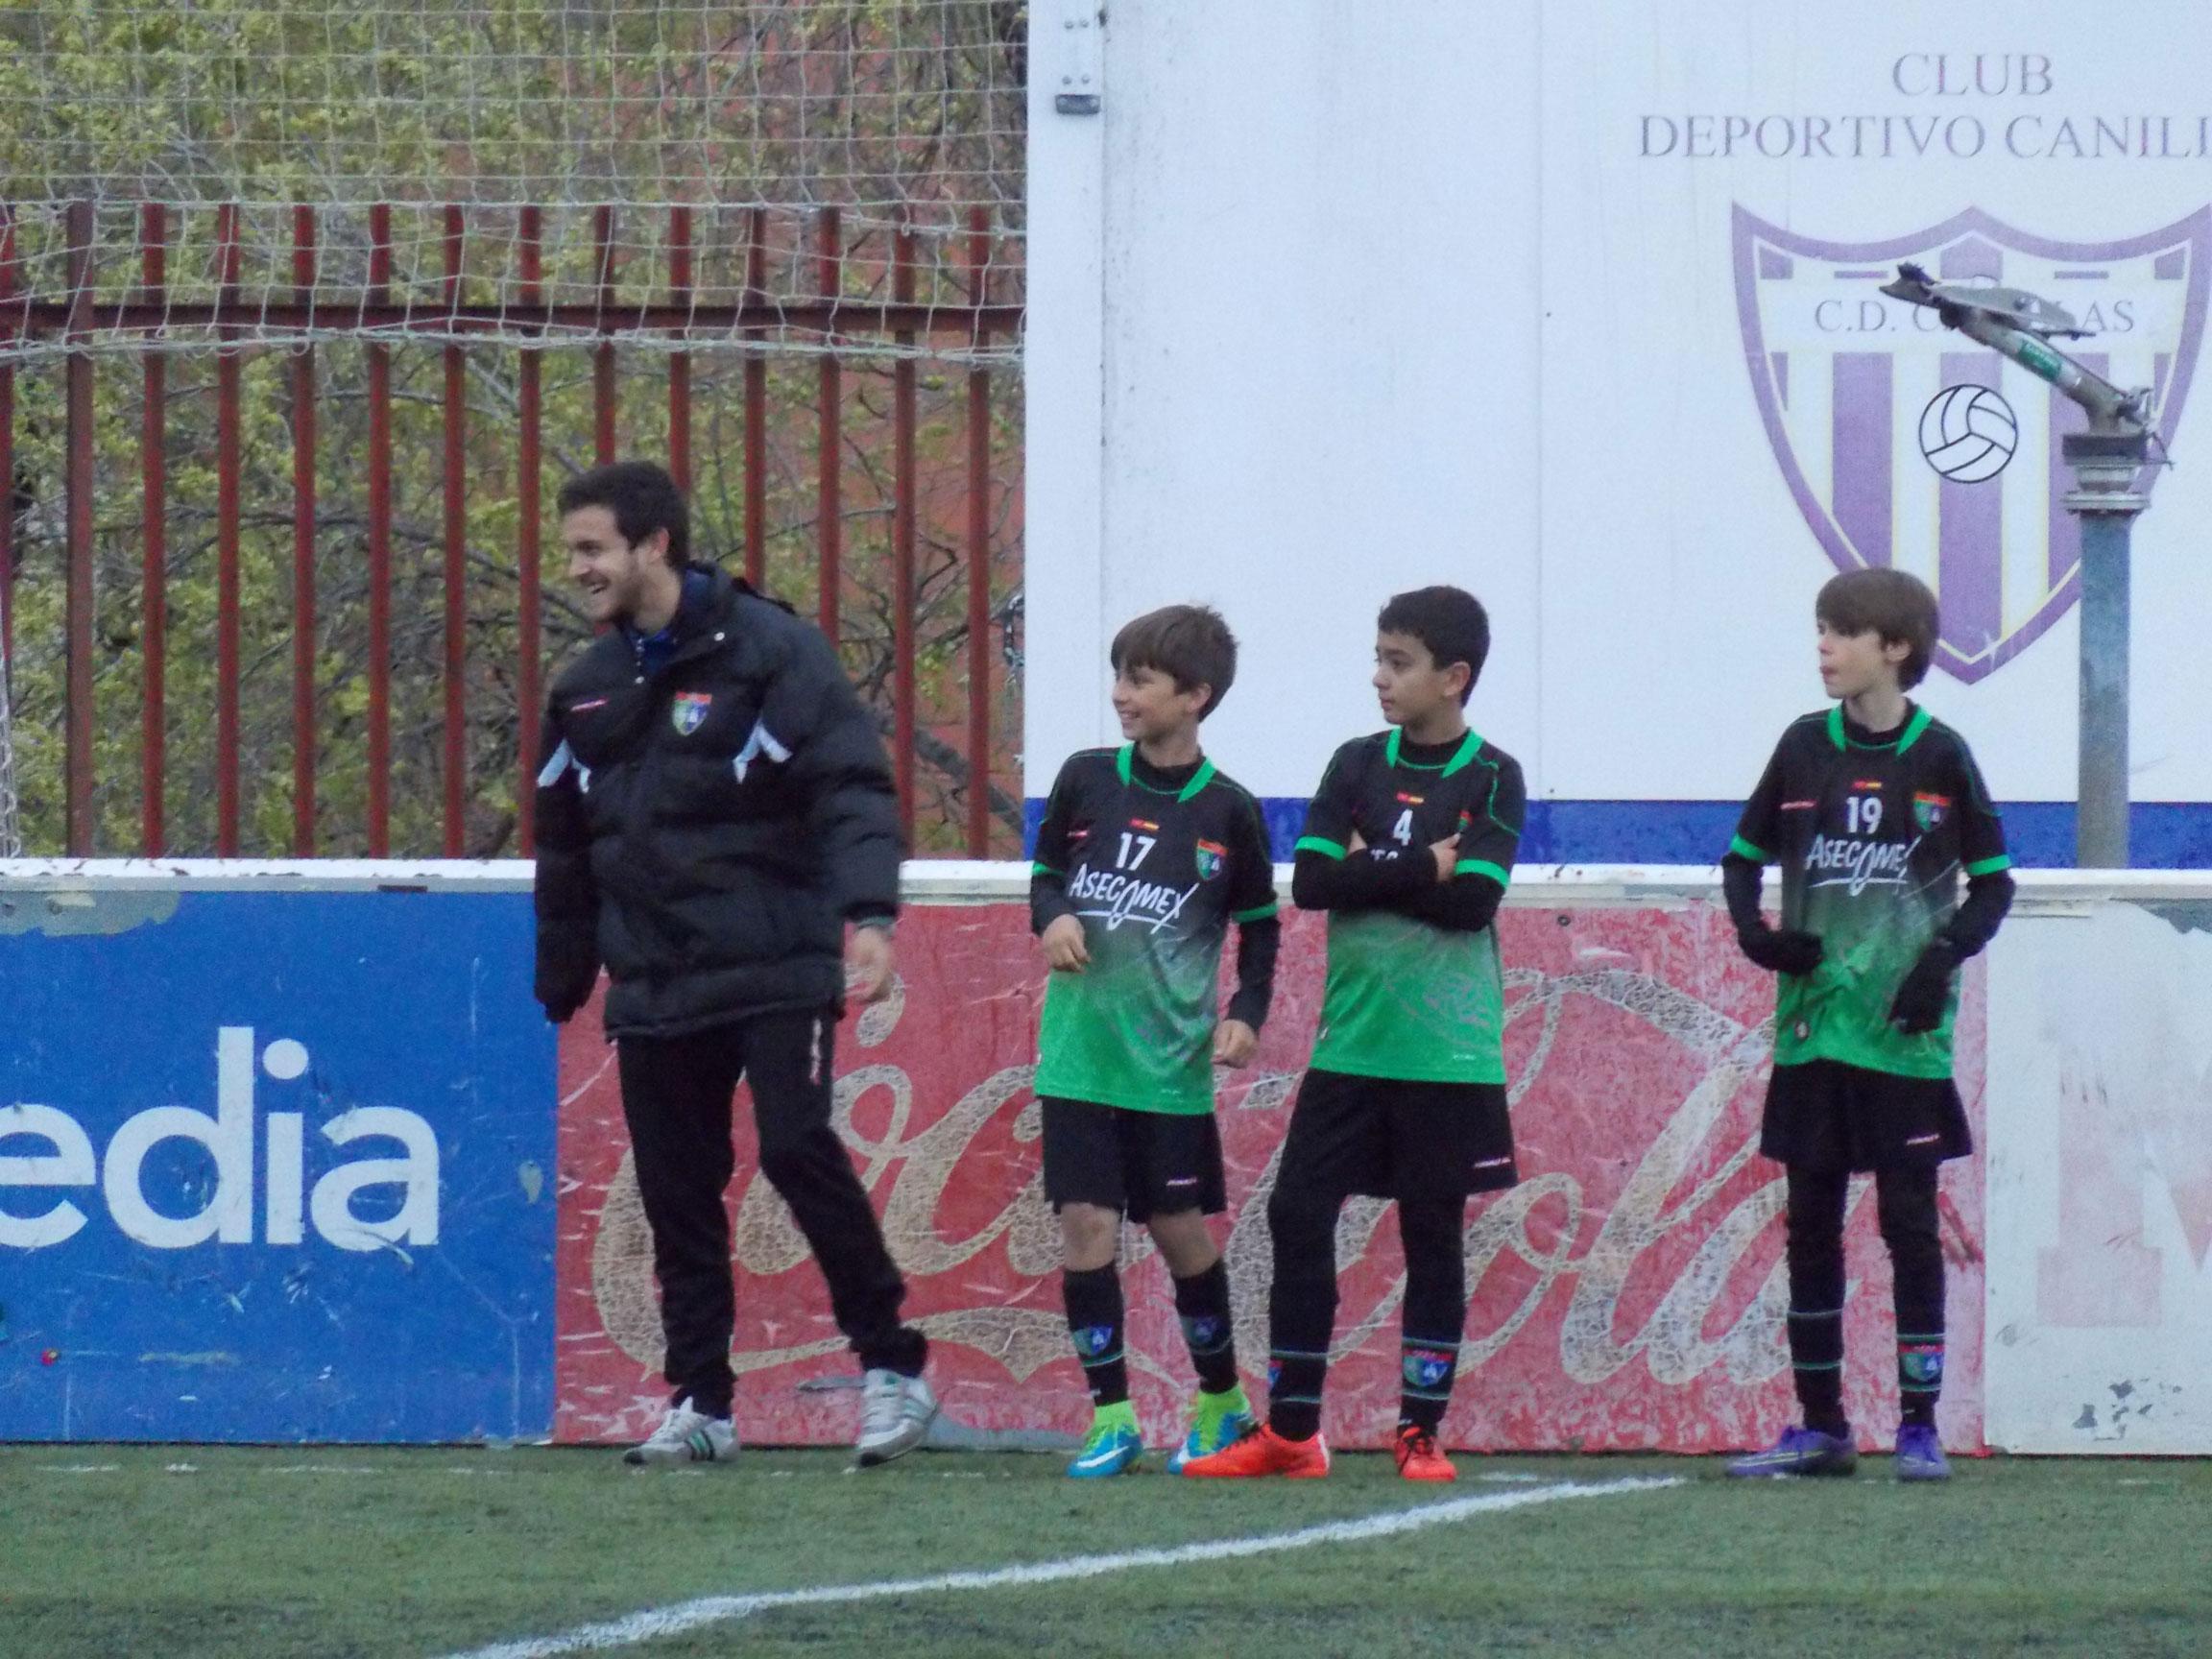 Crónica y fotos del partido de liga CD Canillas D 0 – 0 EDM Alevín B